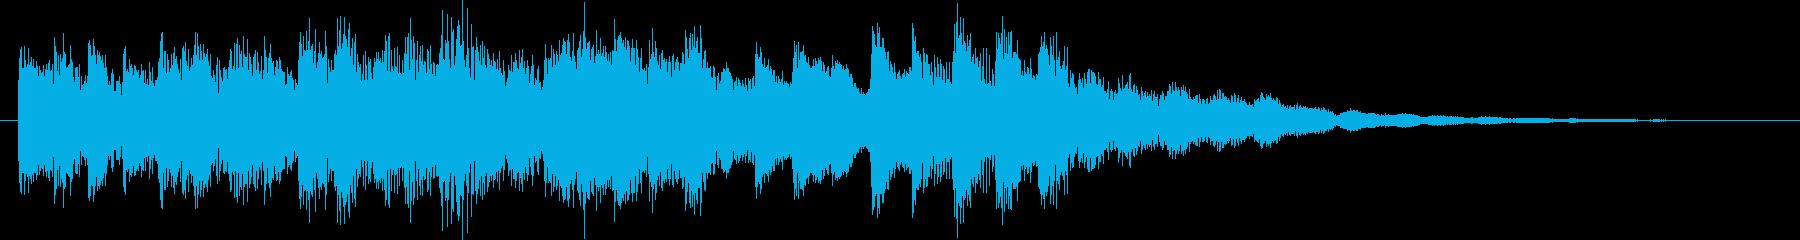 柔らかなコールチャイムの再生済みの波形